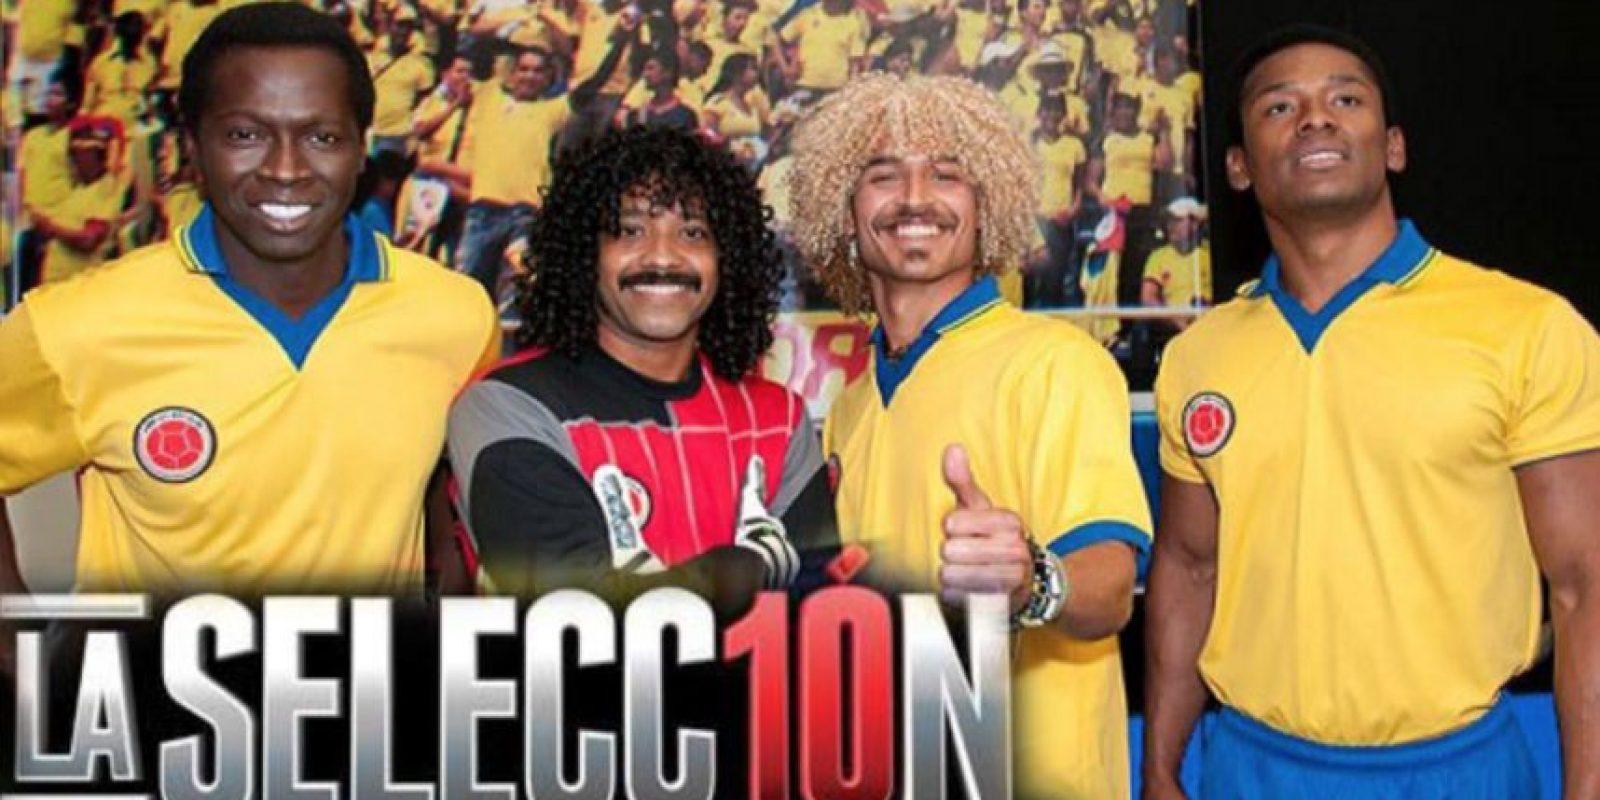 """En 2013 """"La Selección, la serie"""", contó la historia del seleccionado colombiano de fútbol de los años 90. Se narró la vida del """"Pibe"""" Valderrama, Freddy Rincón, El """"Tino"""" Asprilla y René Higuita. Foto:Canal Caracol"""